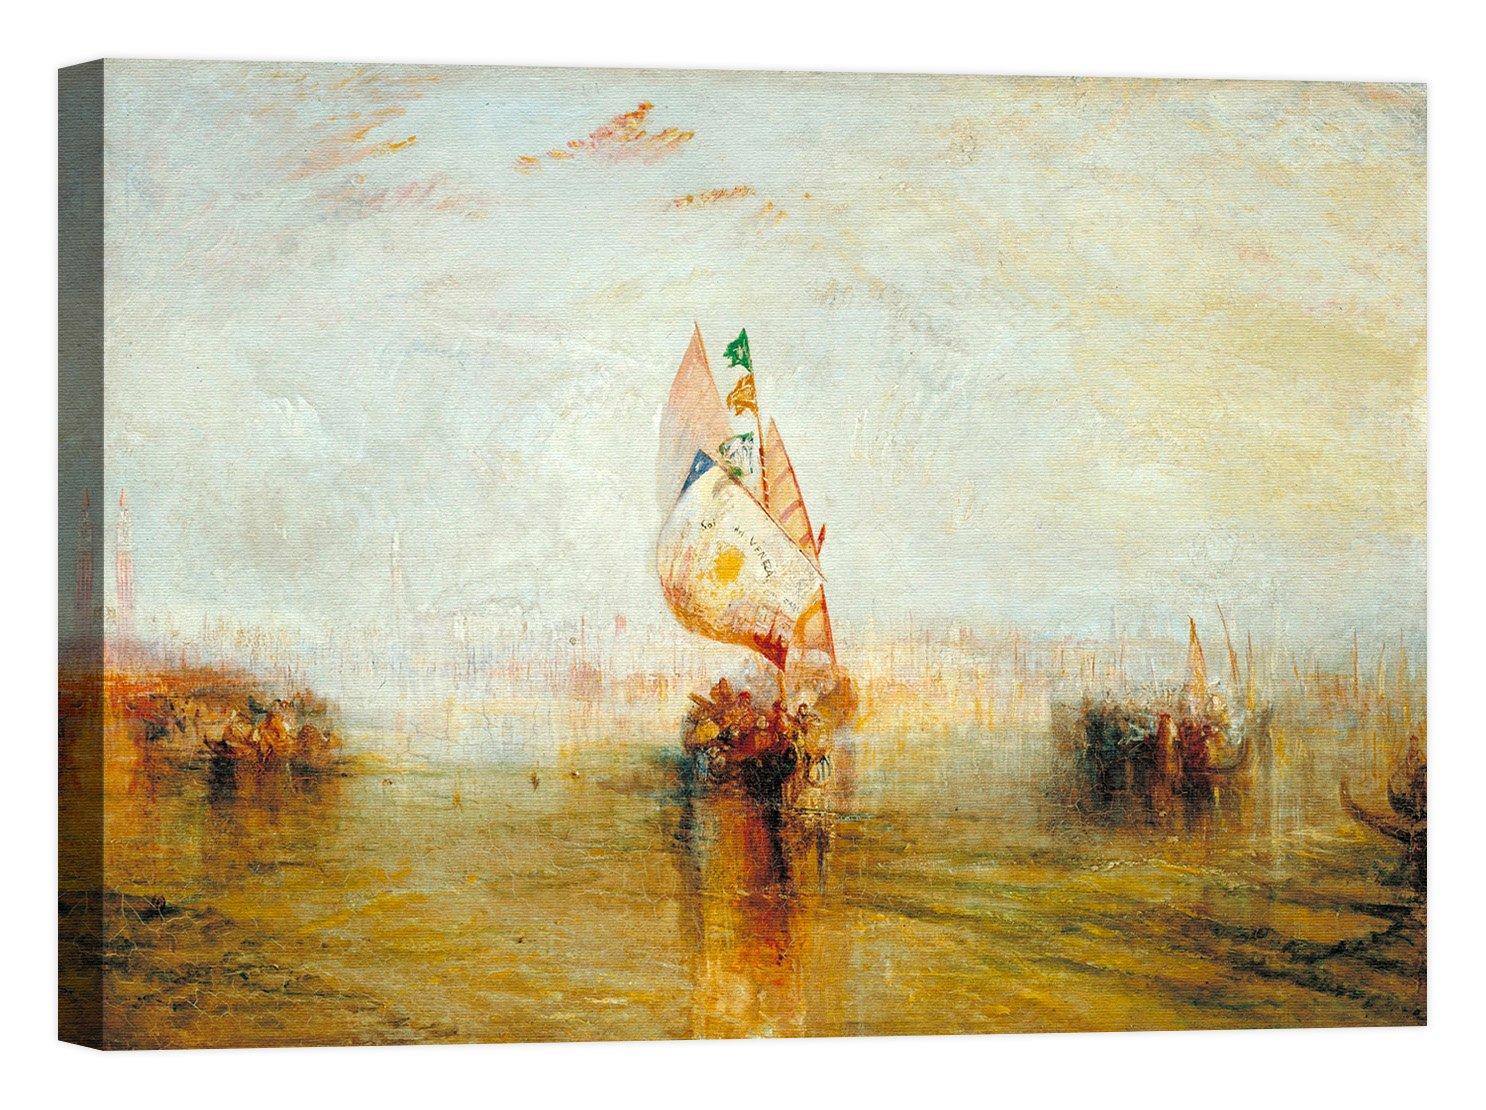 Rahmen Druck auf Leinwand mit Rahmen in Holz William Turner The Sun Of Venice Going To Sea 120x90 CM B07CJJ4FB9 | Elegant Und Würdevoll